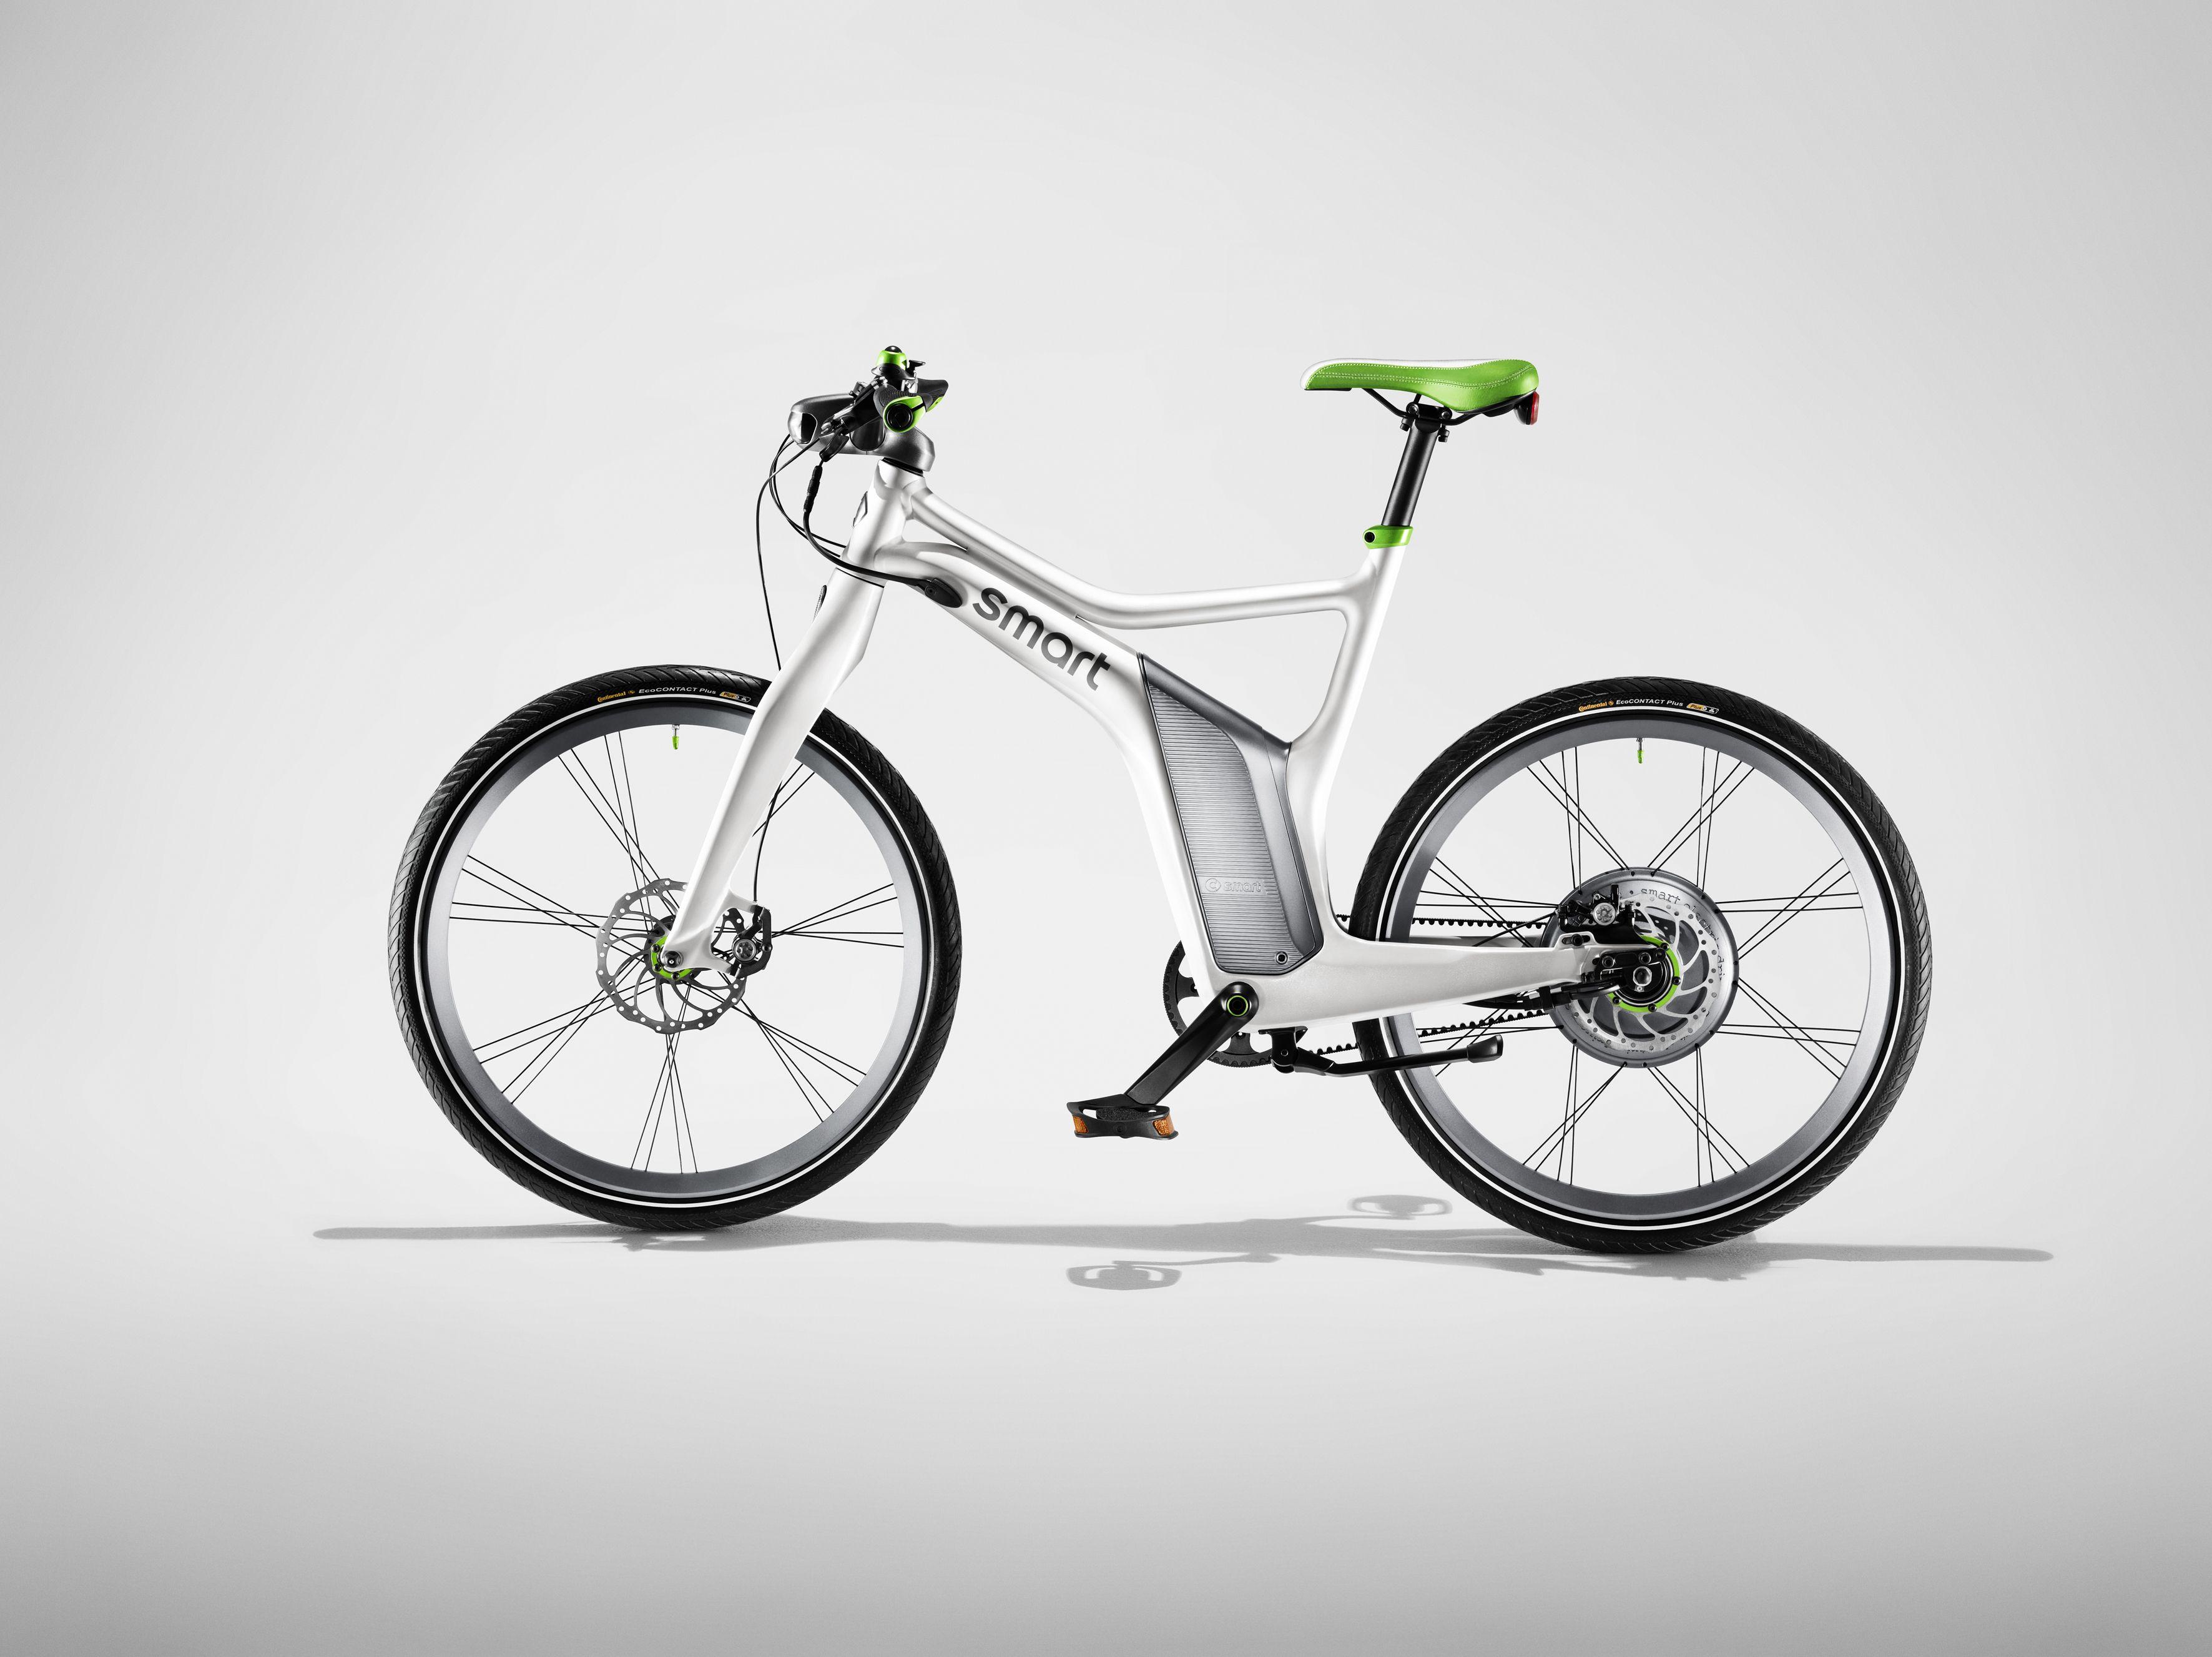 smart e bike Sommer Aktion: Jetzt für nur 2.849, €! Mehr